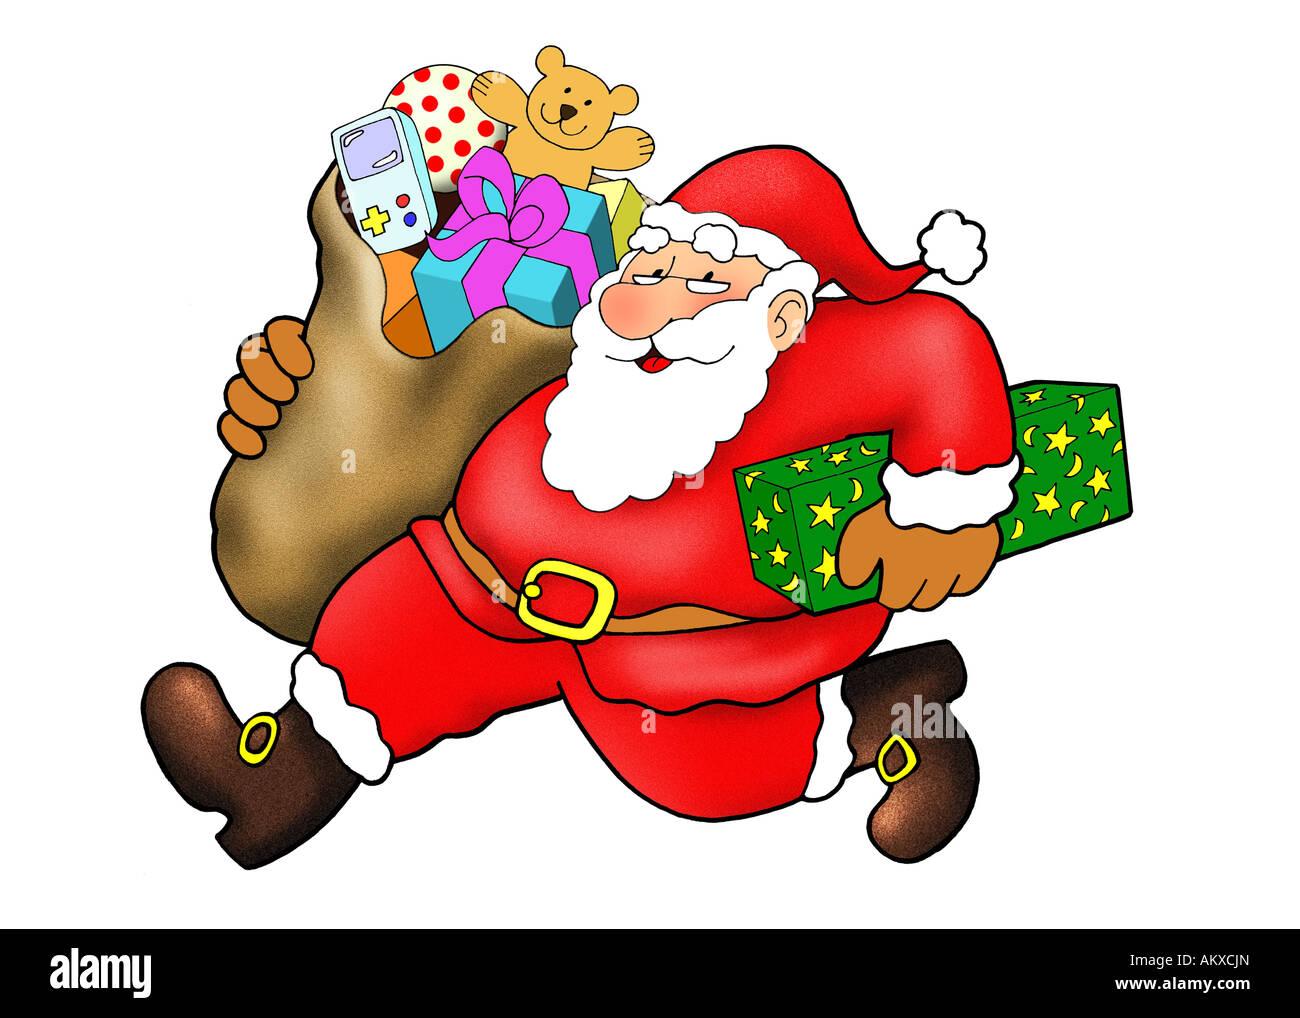 Weihnachtsmann mit Geschenken, íllustration Stockbild